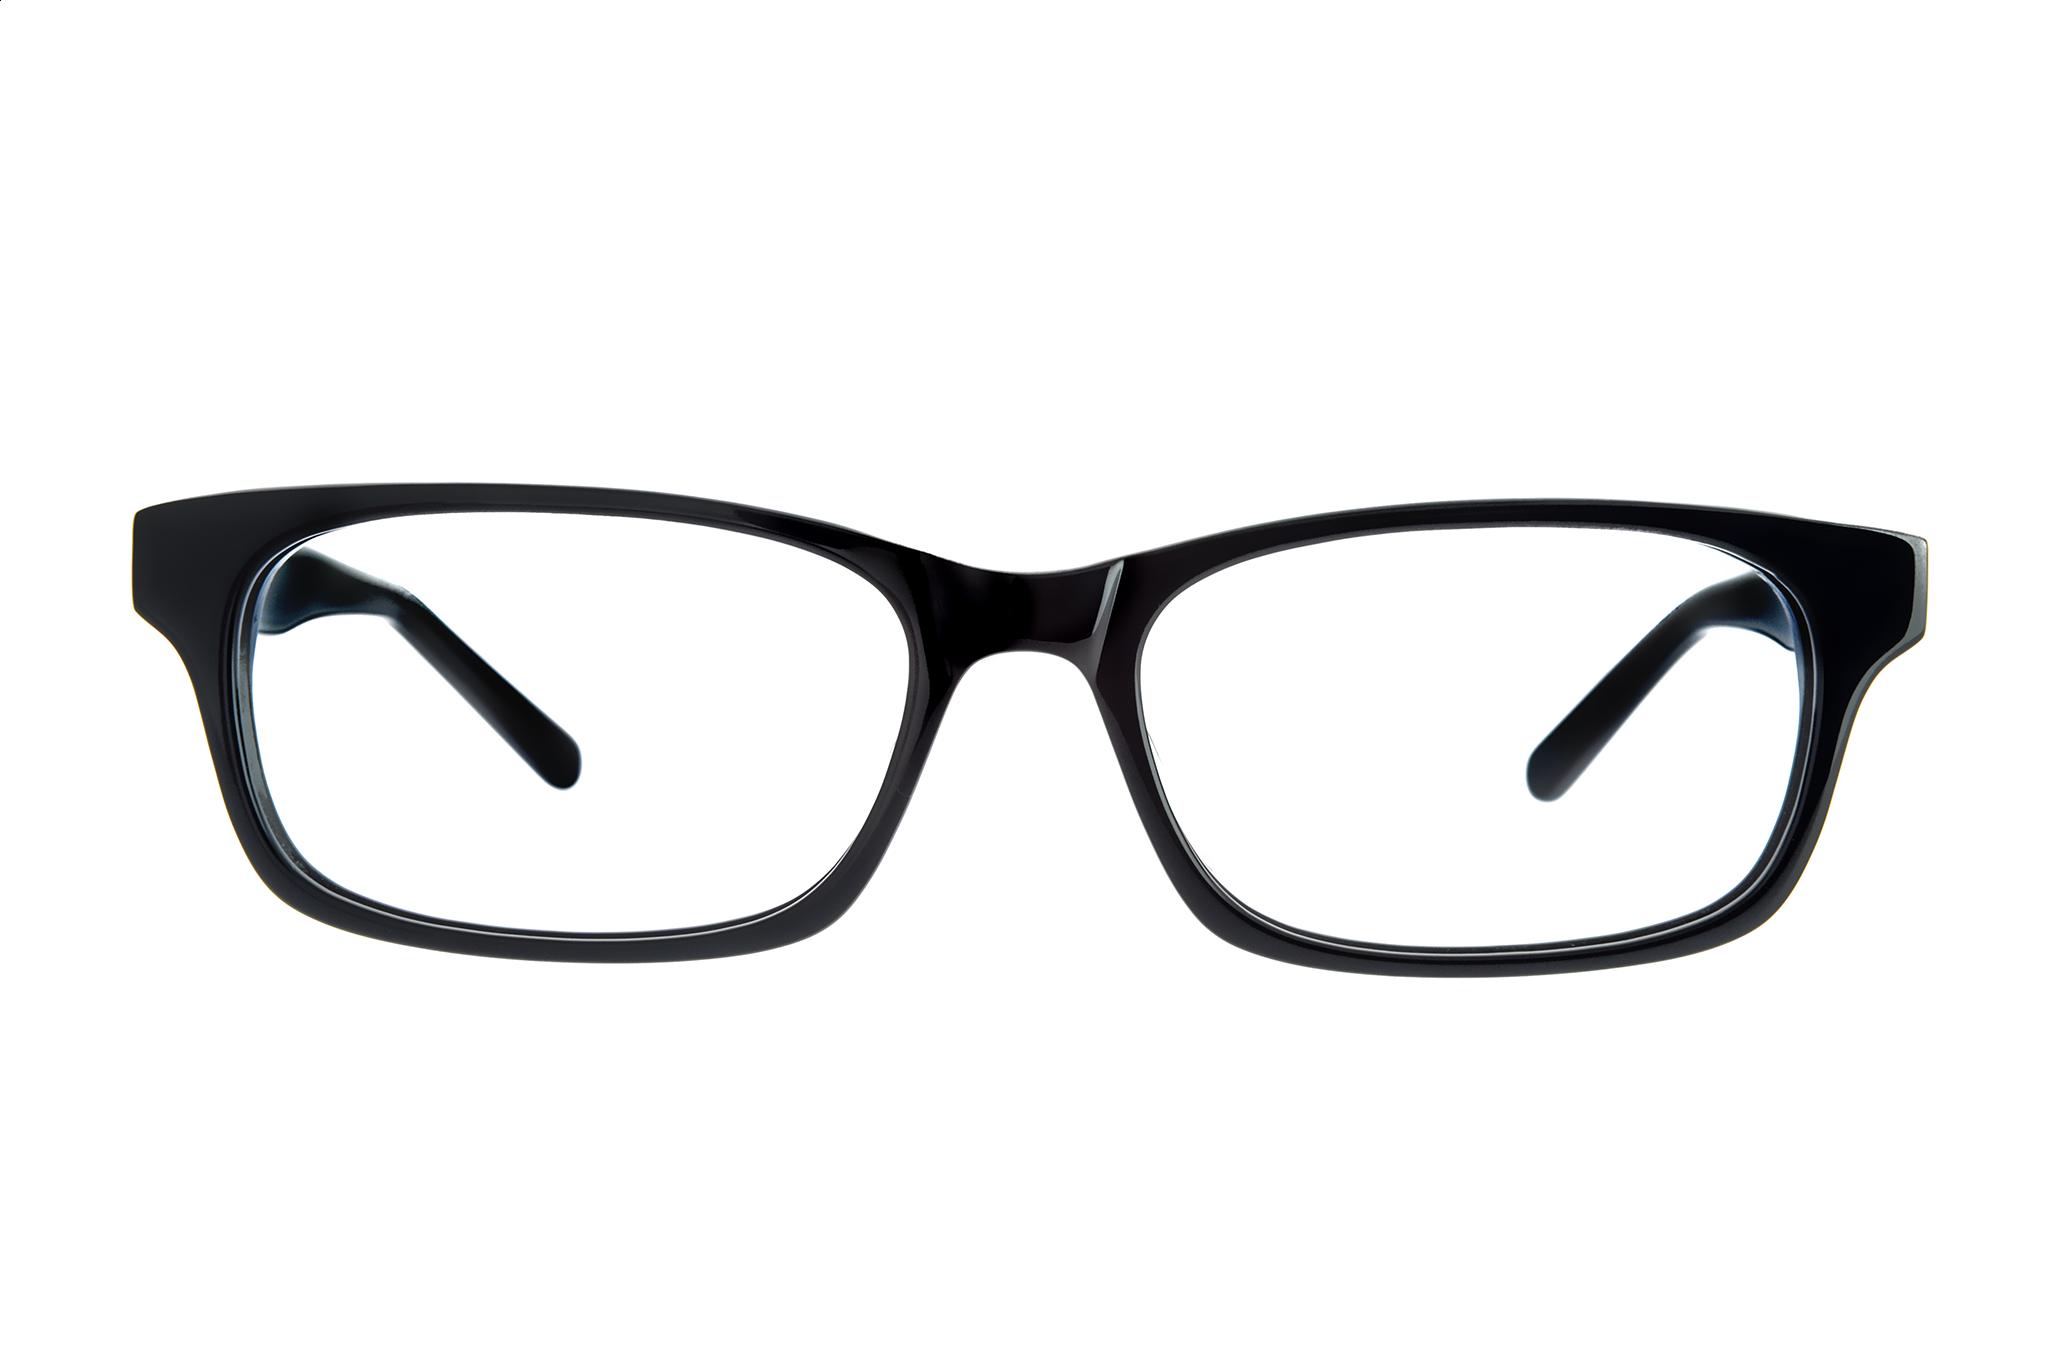 Glass optical frames illustrations. Vision clipart spec frame